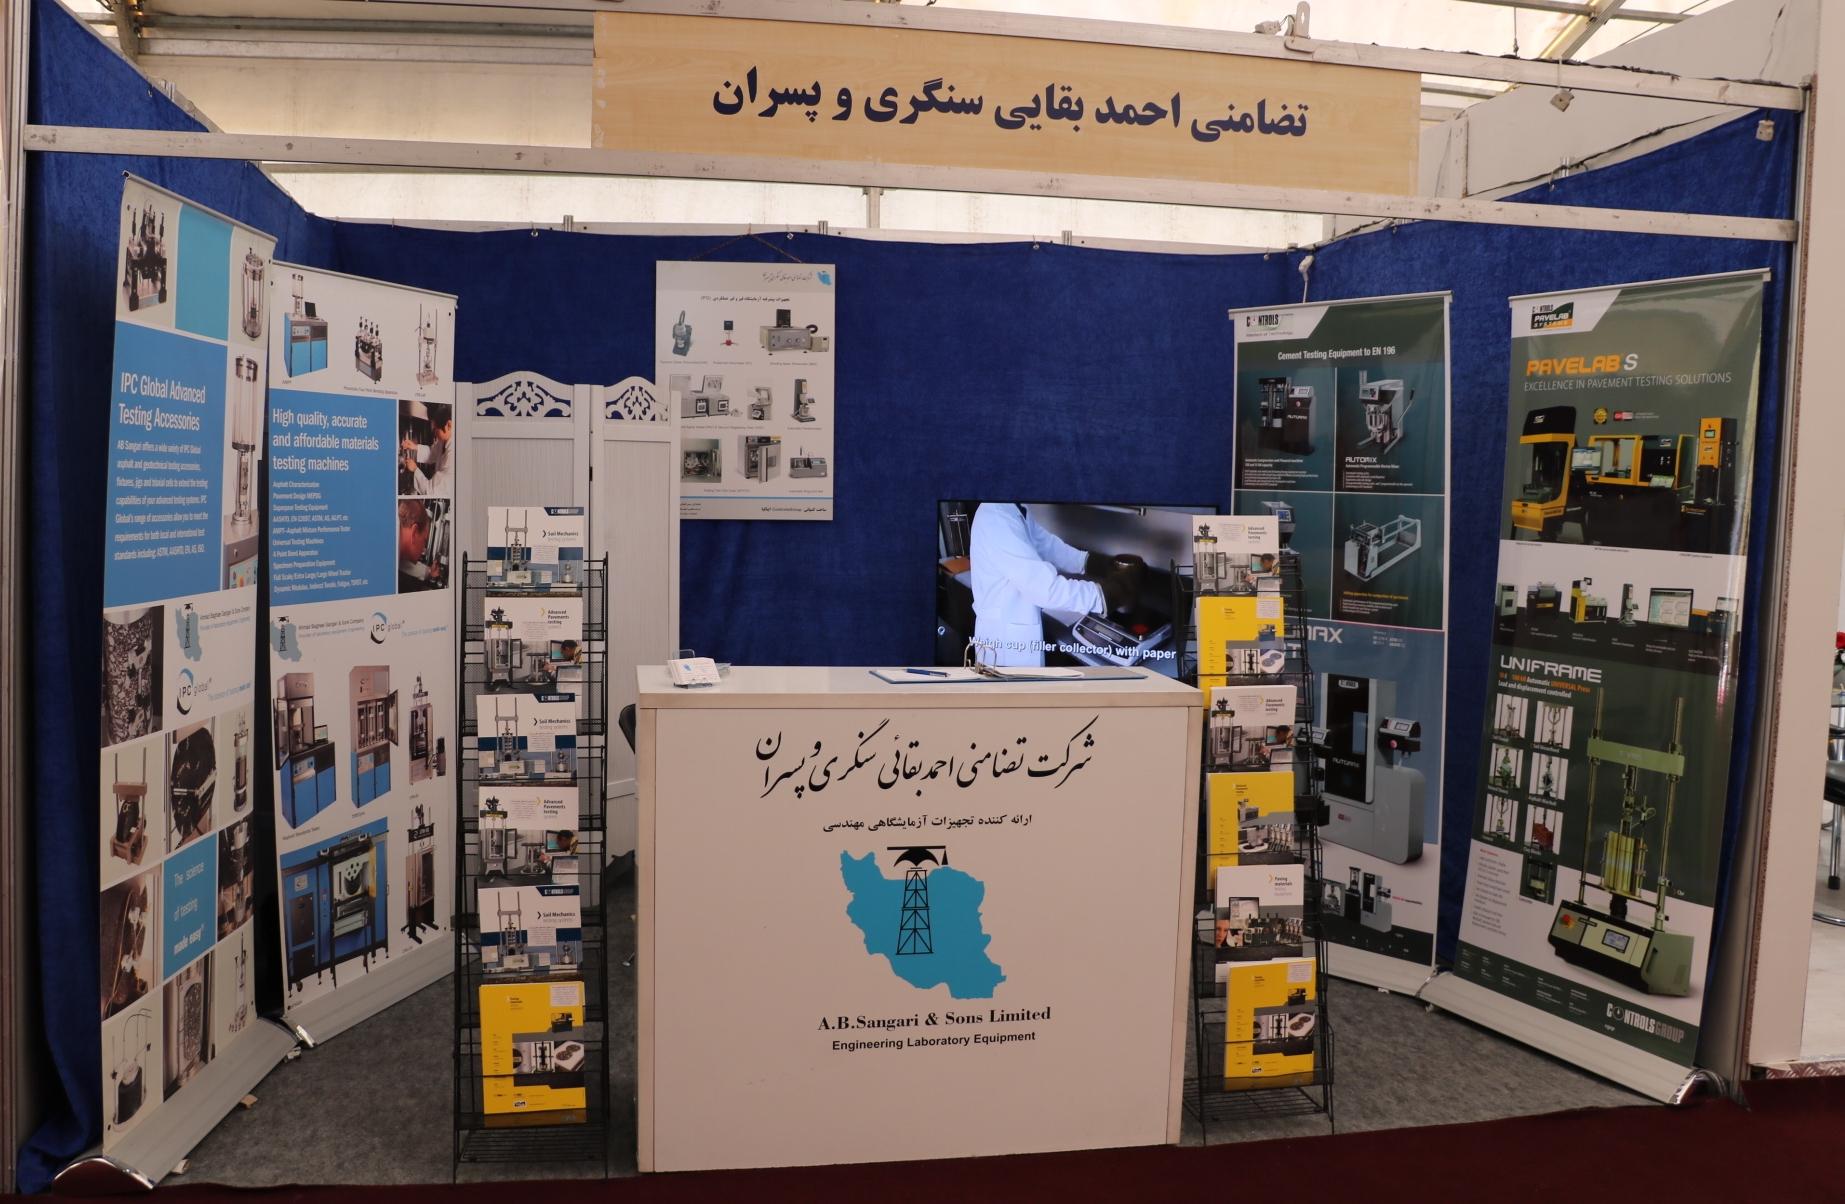 حضور  شرکت بقائی سنگری در نهمین همایش و نمایشگاه قیر، آسفالت ایران در مرکز تحقیقات  راه مسکن شهرسازی(BHRC) مورخ 2 لغایت 4 آبان 96